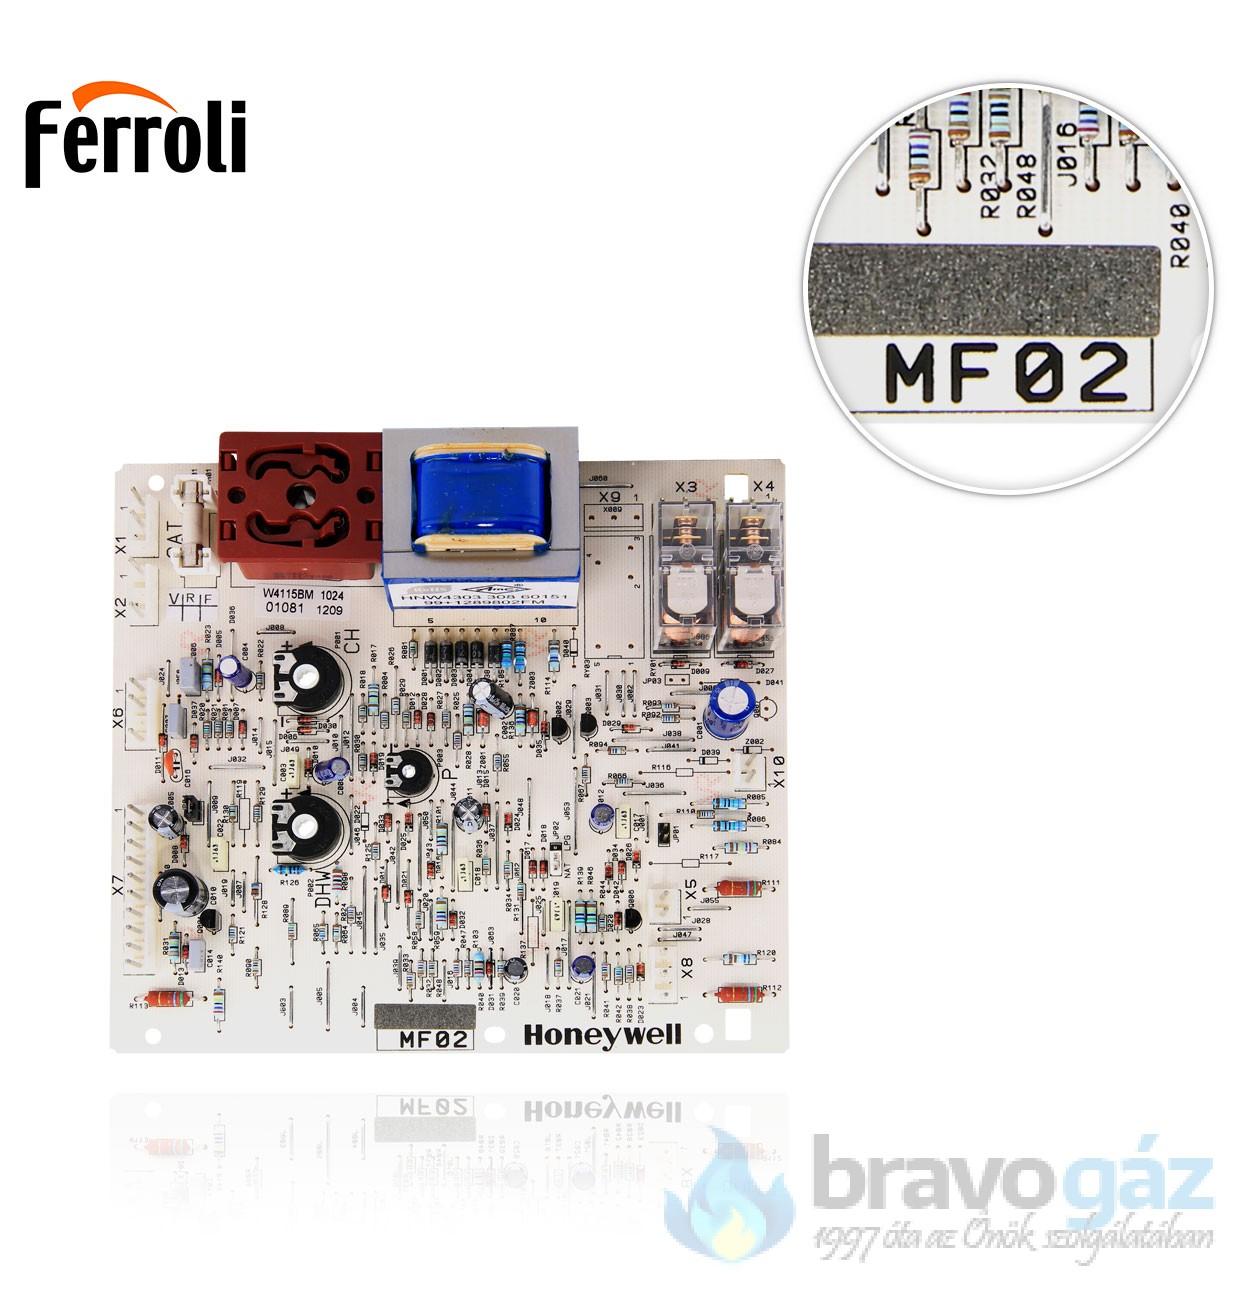 Ferroli vezérlőpanel MF02